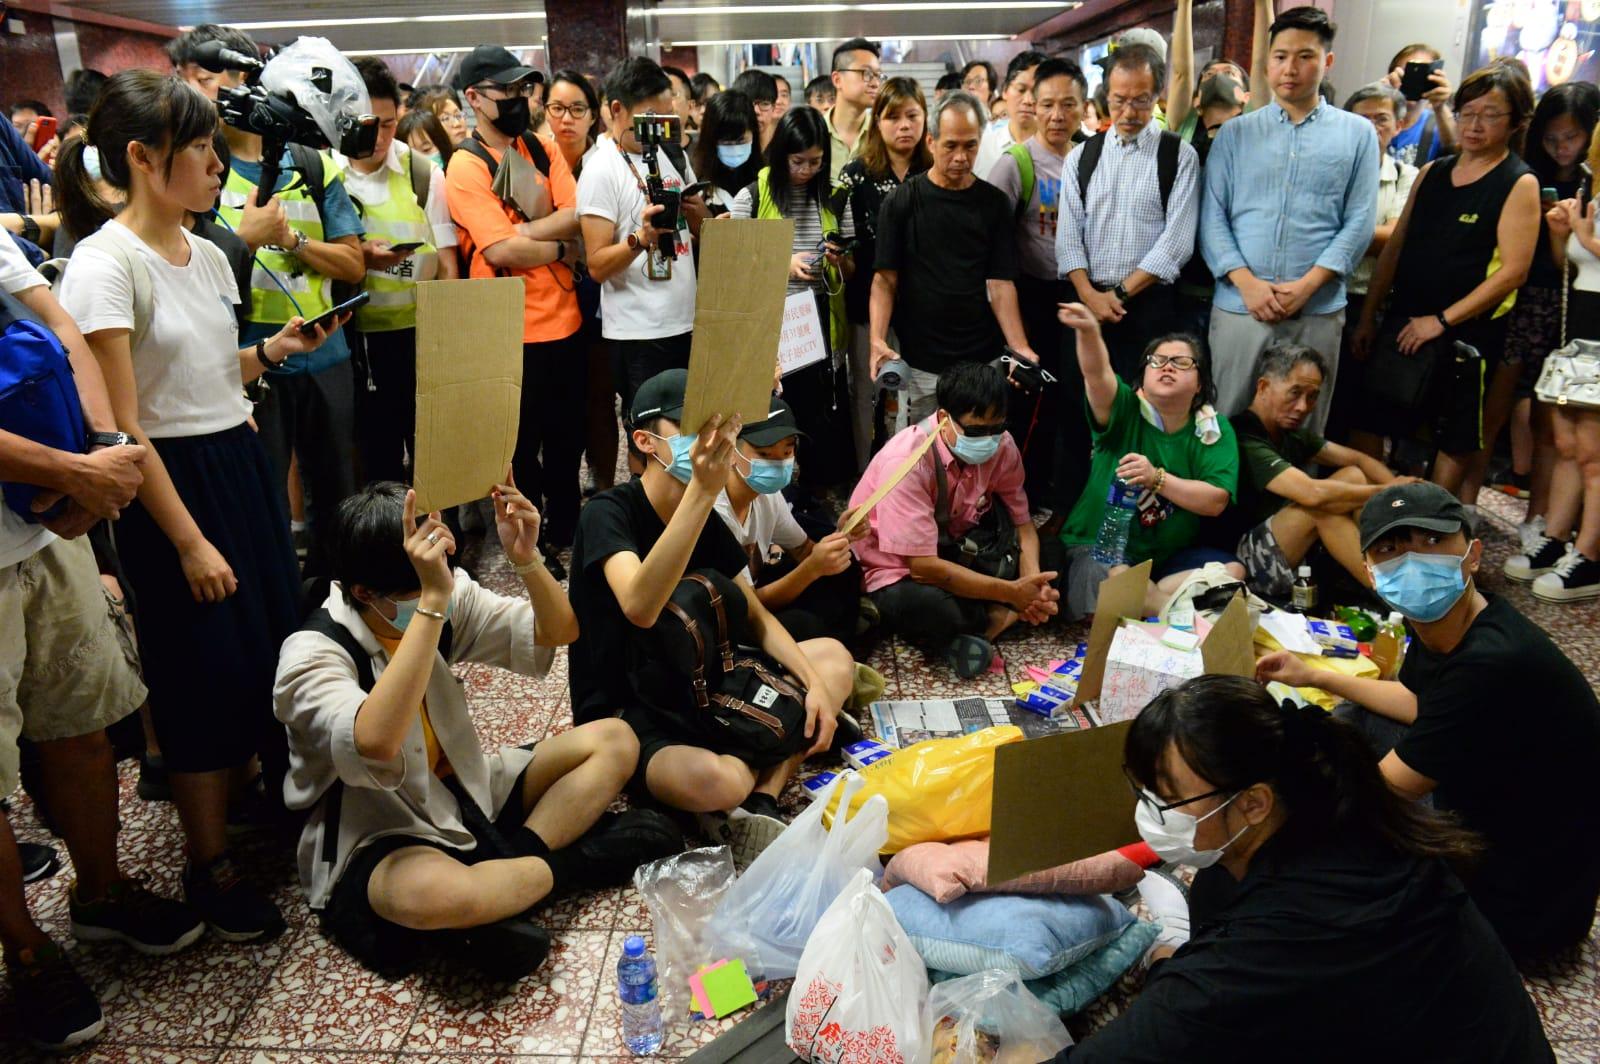 8·31太子警察恐襲事件後,警察打死人的傳聞不斷,香港市民要求港鐵公開8.31當晚CCTV錄影,近期有學者分析指近期自殺案與暴力鎮壓存在可疑的「巧合」。(宋碧龍/大紀元)